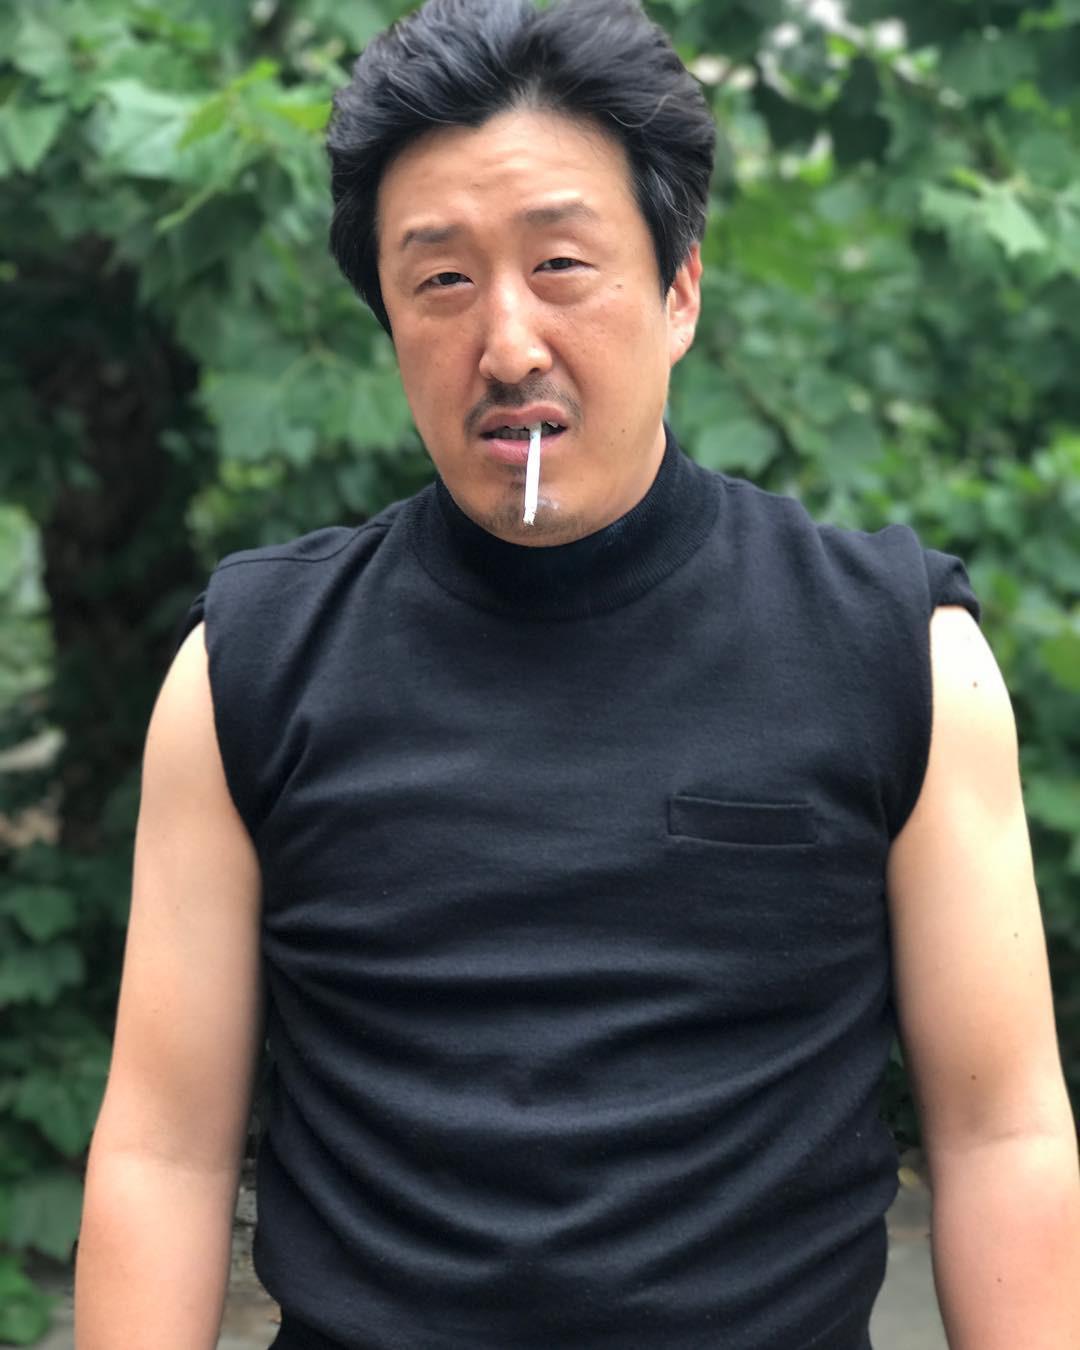 Không thể tin nam diễn viên Hàn Quốc tưởng đã ngoài 50 này chỉ hơn Song Joong Ki... 1 tuổi! - Hình 1